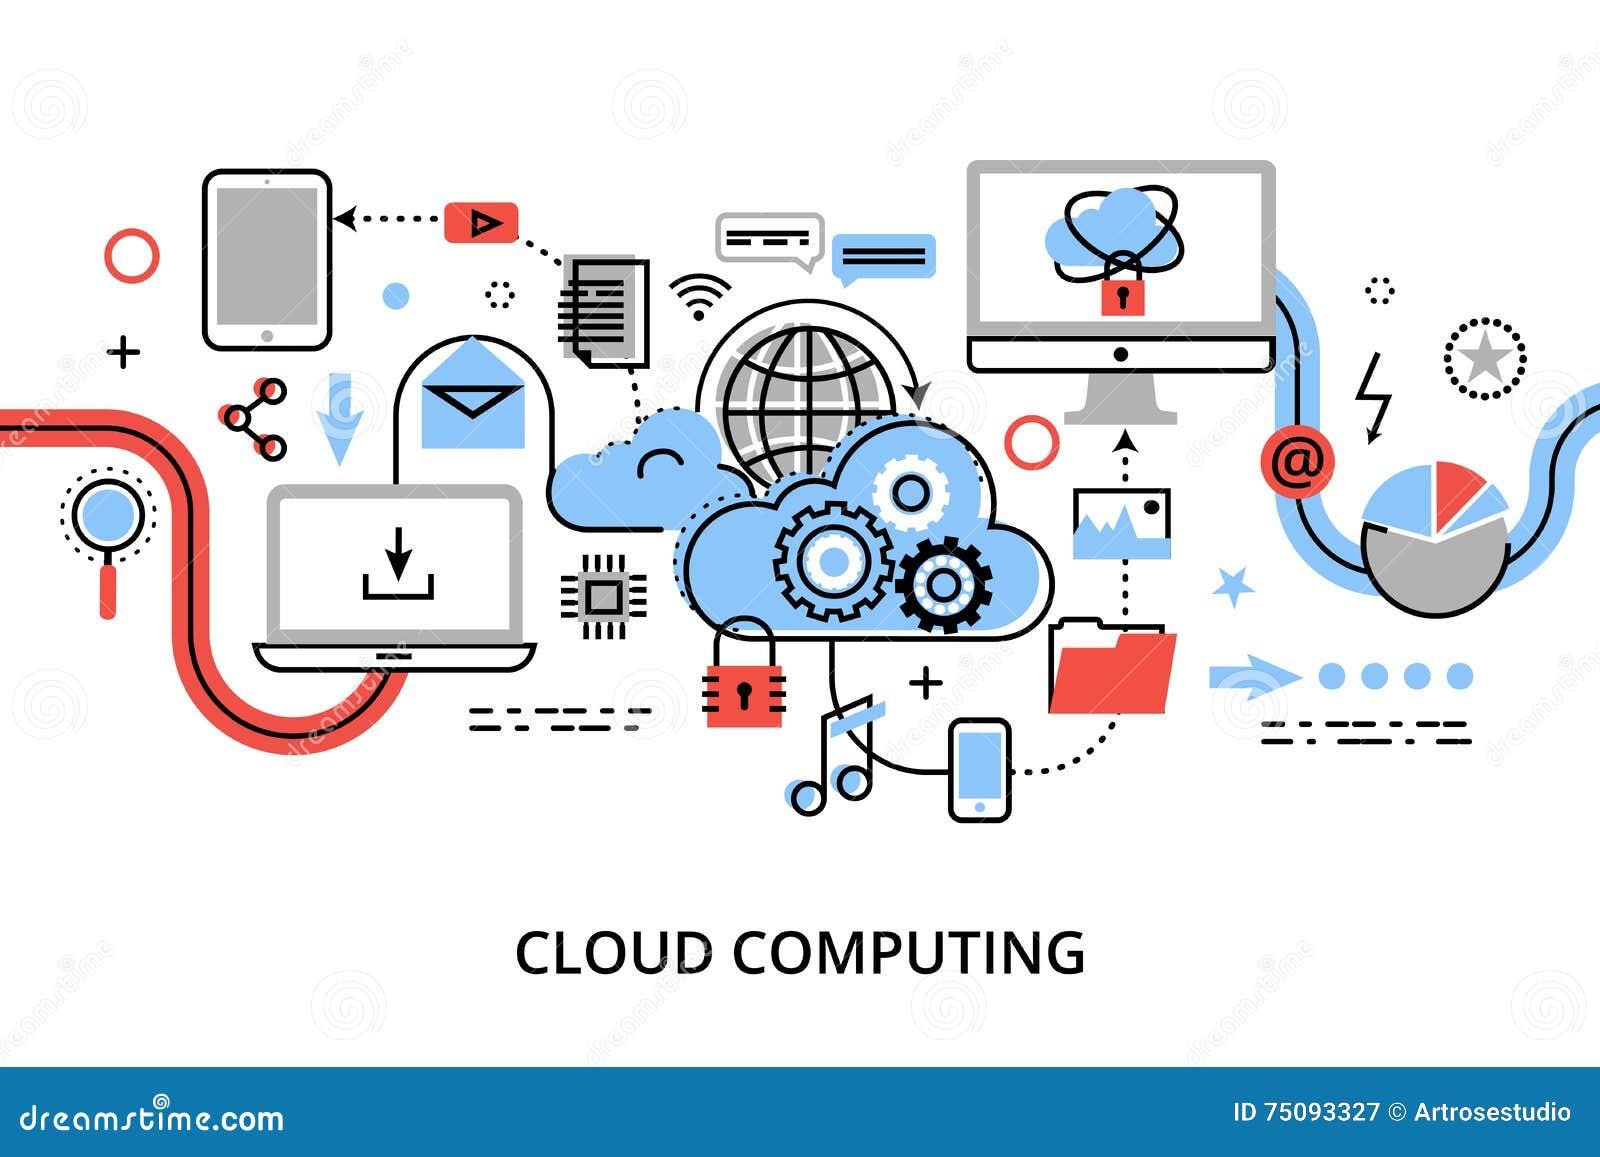 De moderne vlakke dunne vectorillustratie van het lijnontwerp, concept wolk gegevensverwerkingstechnologieën, beschermt computern